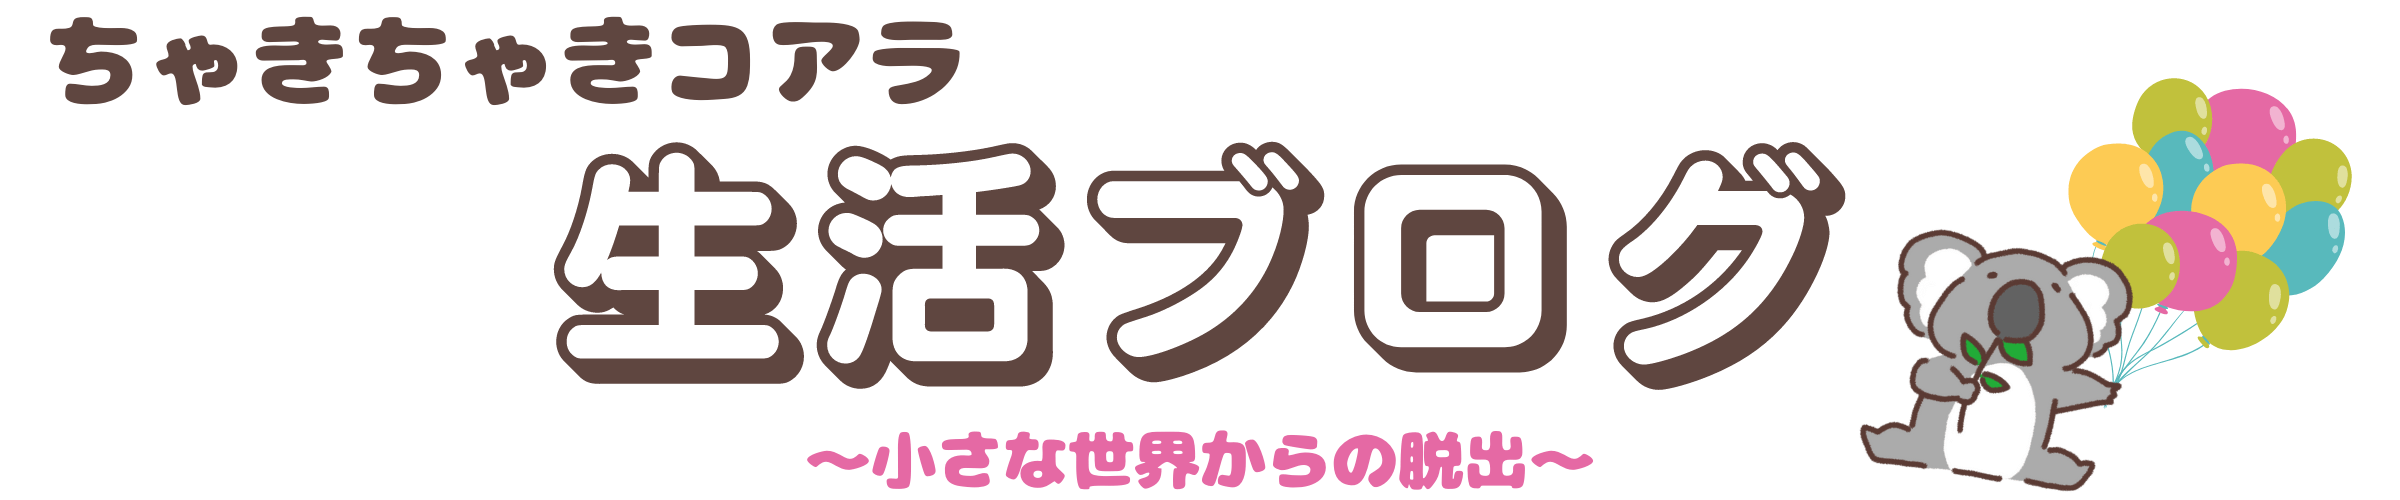 ちゃきちゃきコアラ生活ブログ